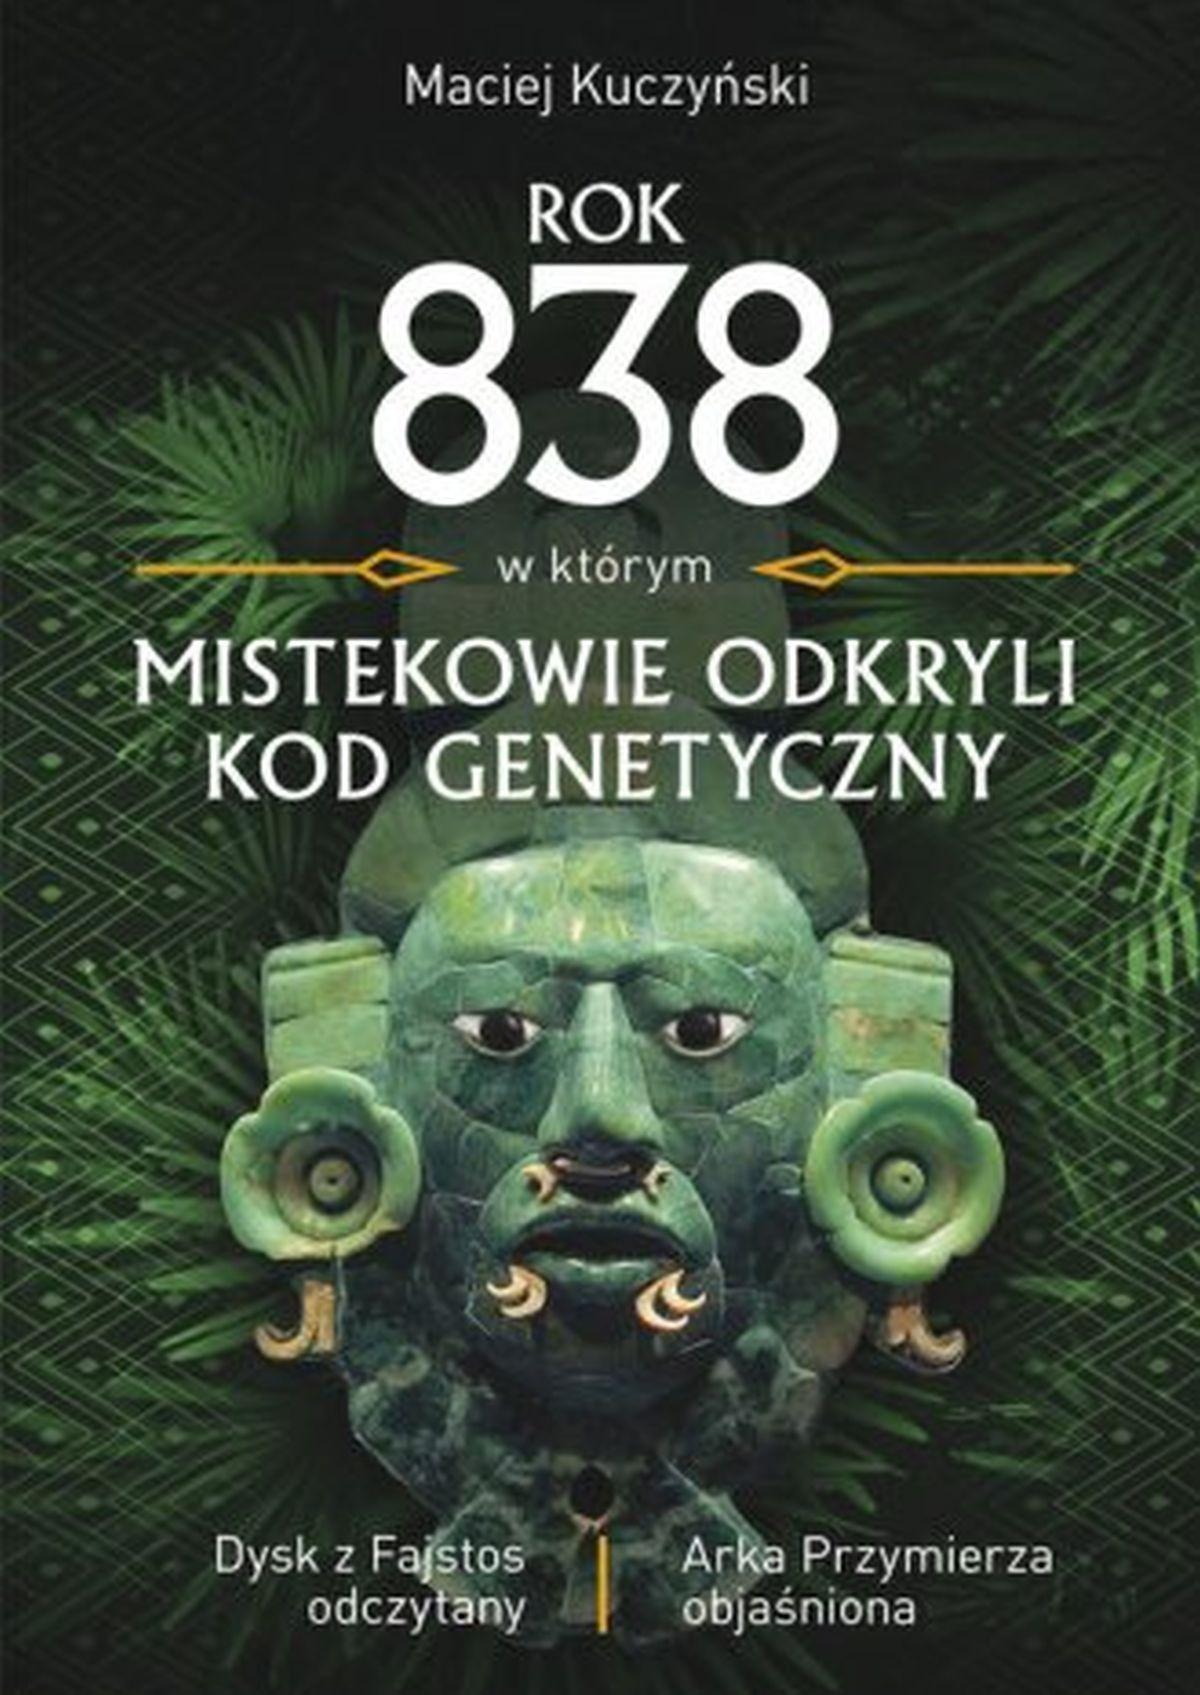 Rok 838, w którym Mistekowie odkryli kod genetyczny. Dysk z Fajstos odczytany